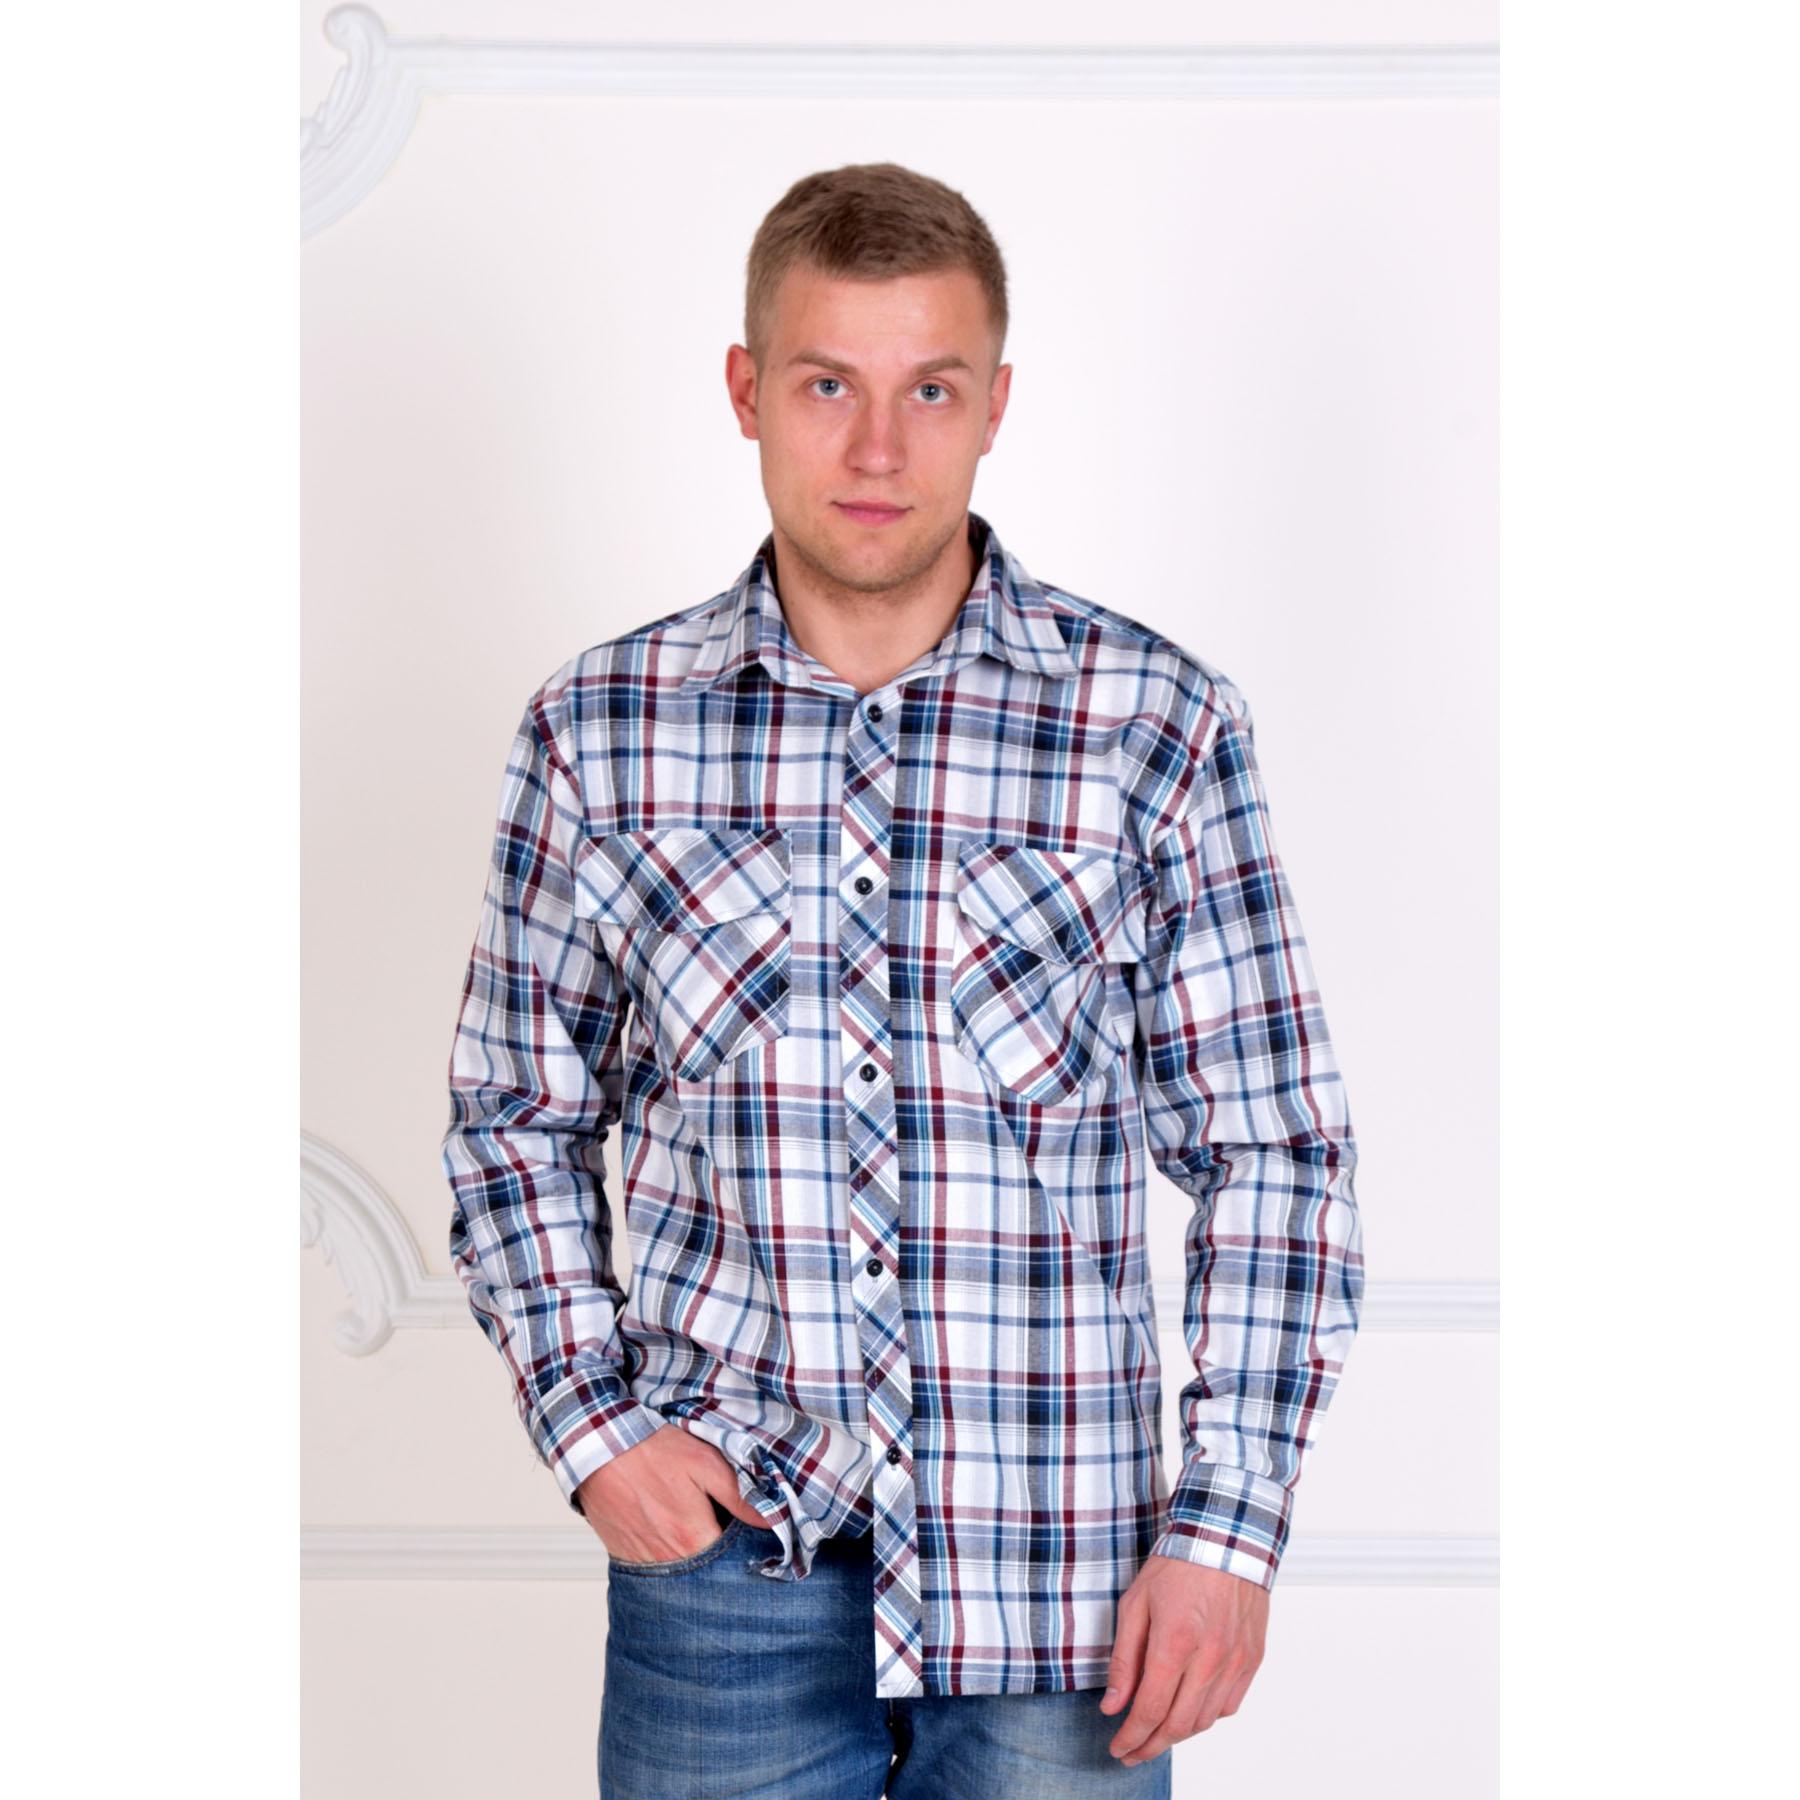 Мужская рубашка «Шотландия», размер 64Толстовки, джемпера и рубашки<br>Обхват груди:128 см<br>Обхват талии:124 см<br>Обхват бедер:128 см<br>Обхват шеи, ворот:48 см<br>Рост:178-188 см<br><br>Тип: Муж. рубашка<br>Размер: 64<br>Материал: Шотландка